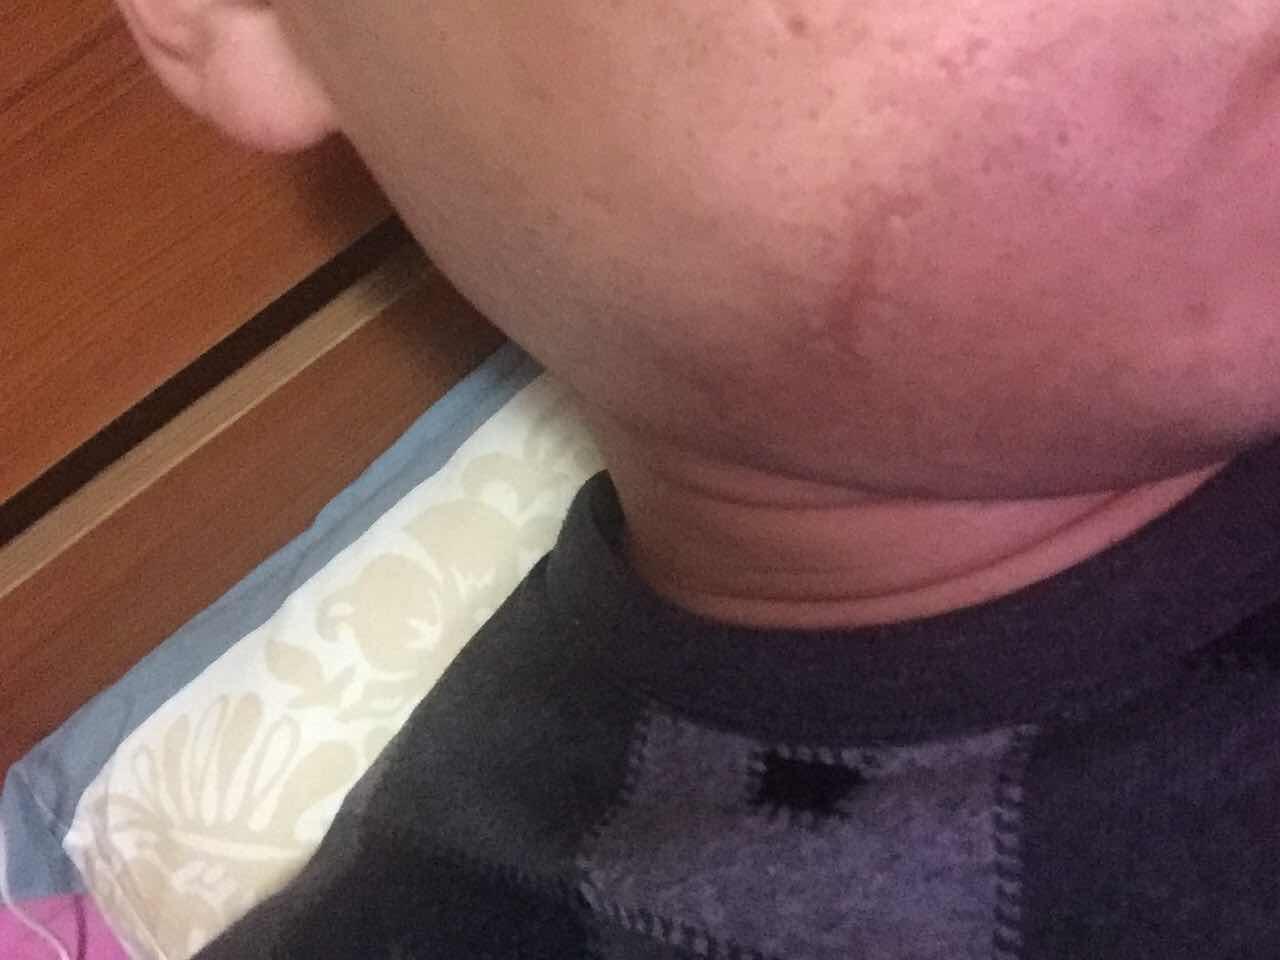 缝针疤痕怎么去除,小时候的缝针过的疤痕,怎么治疗?